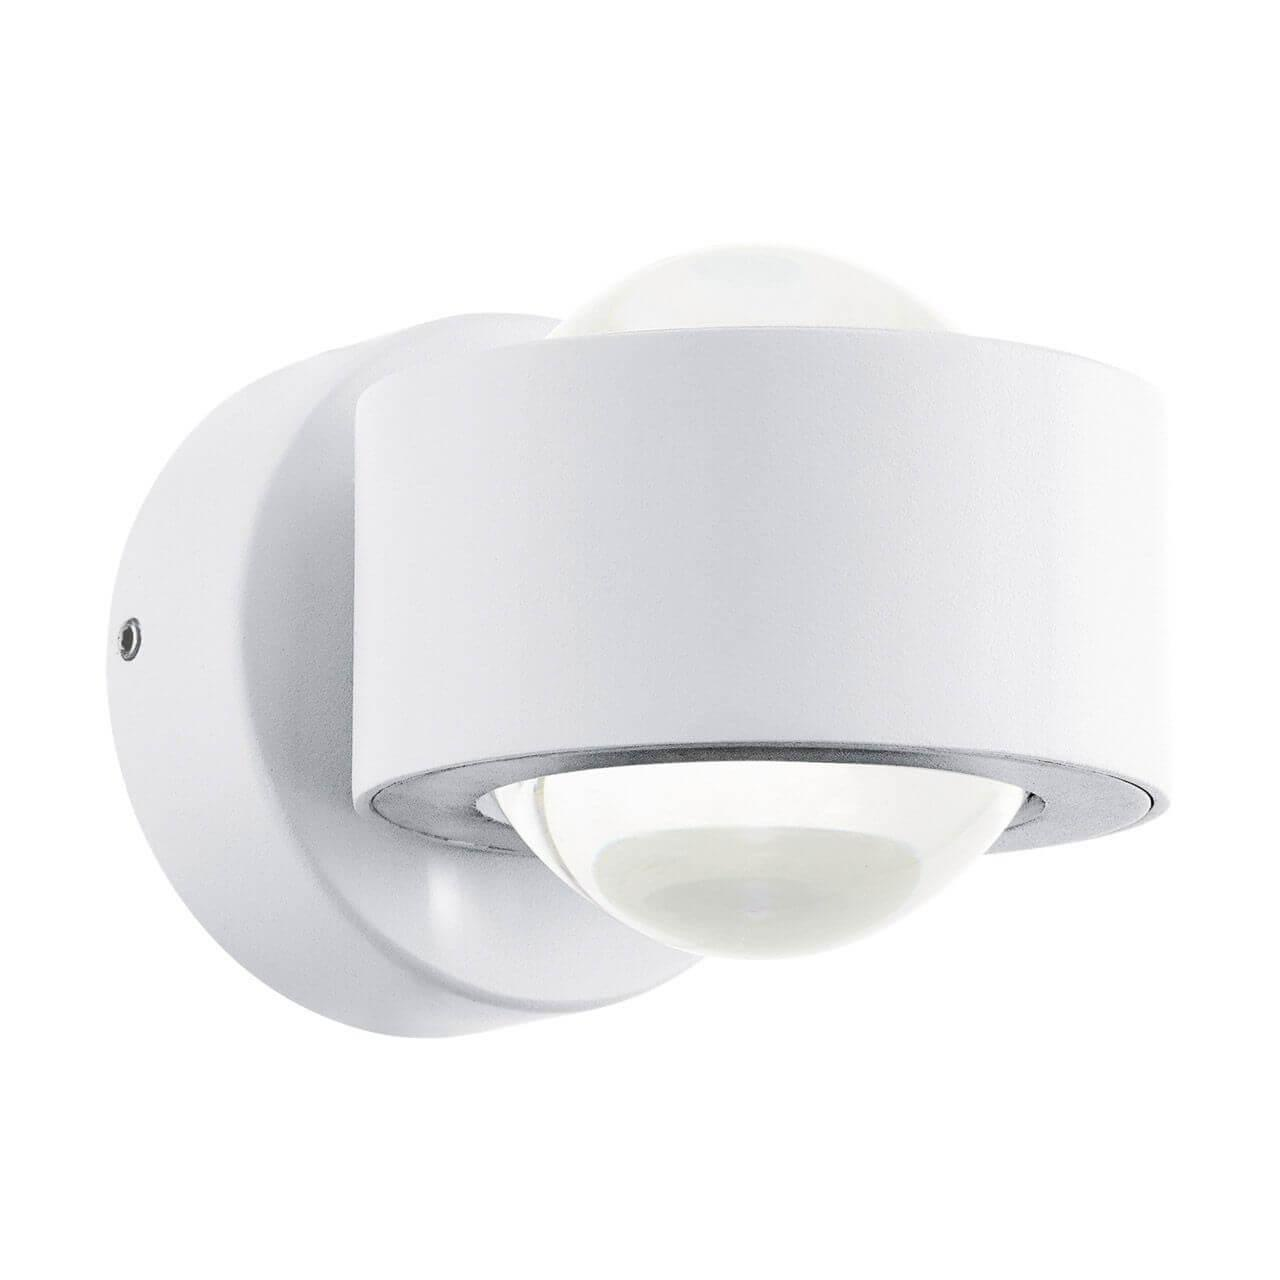 Настенный светильник Eglo 96048, белый eglo ono 1 93125